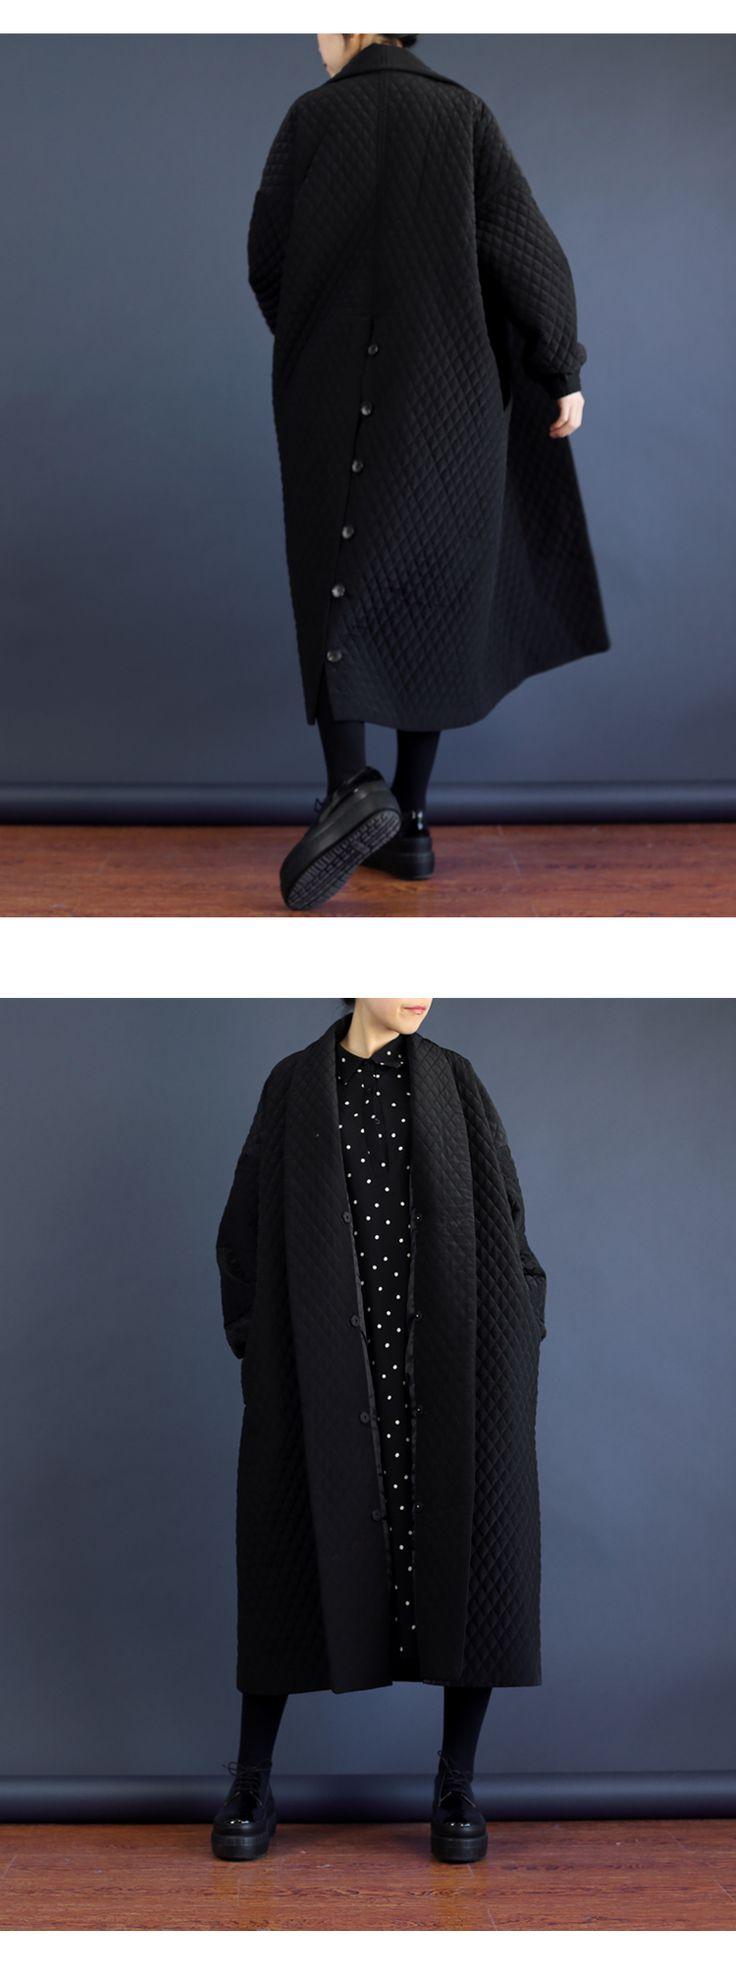 WM001 элегантная Мода негабаритных черный длинный макси толстая тренчкот женщины 2016 купить на AliExpress